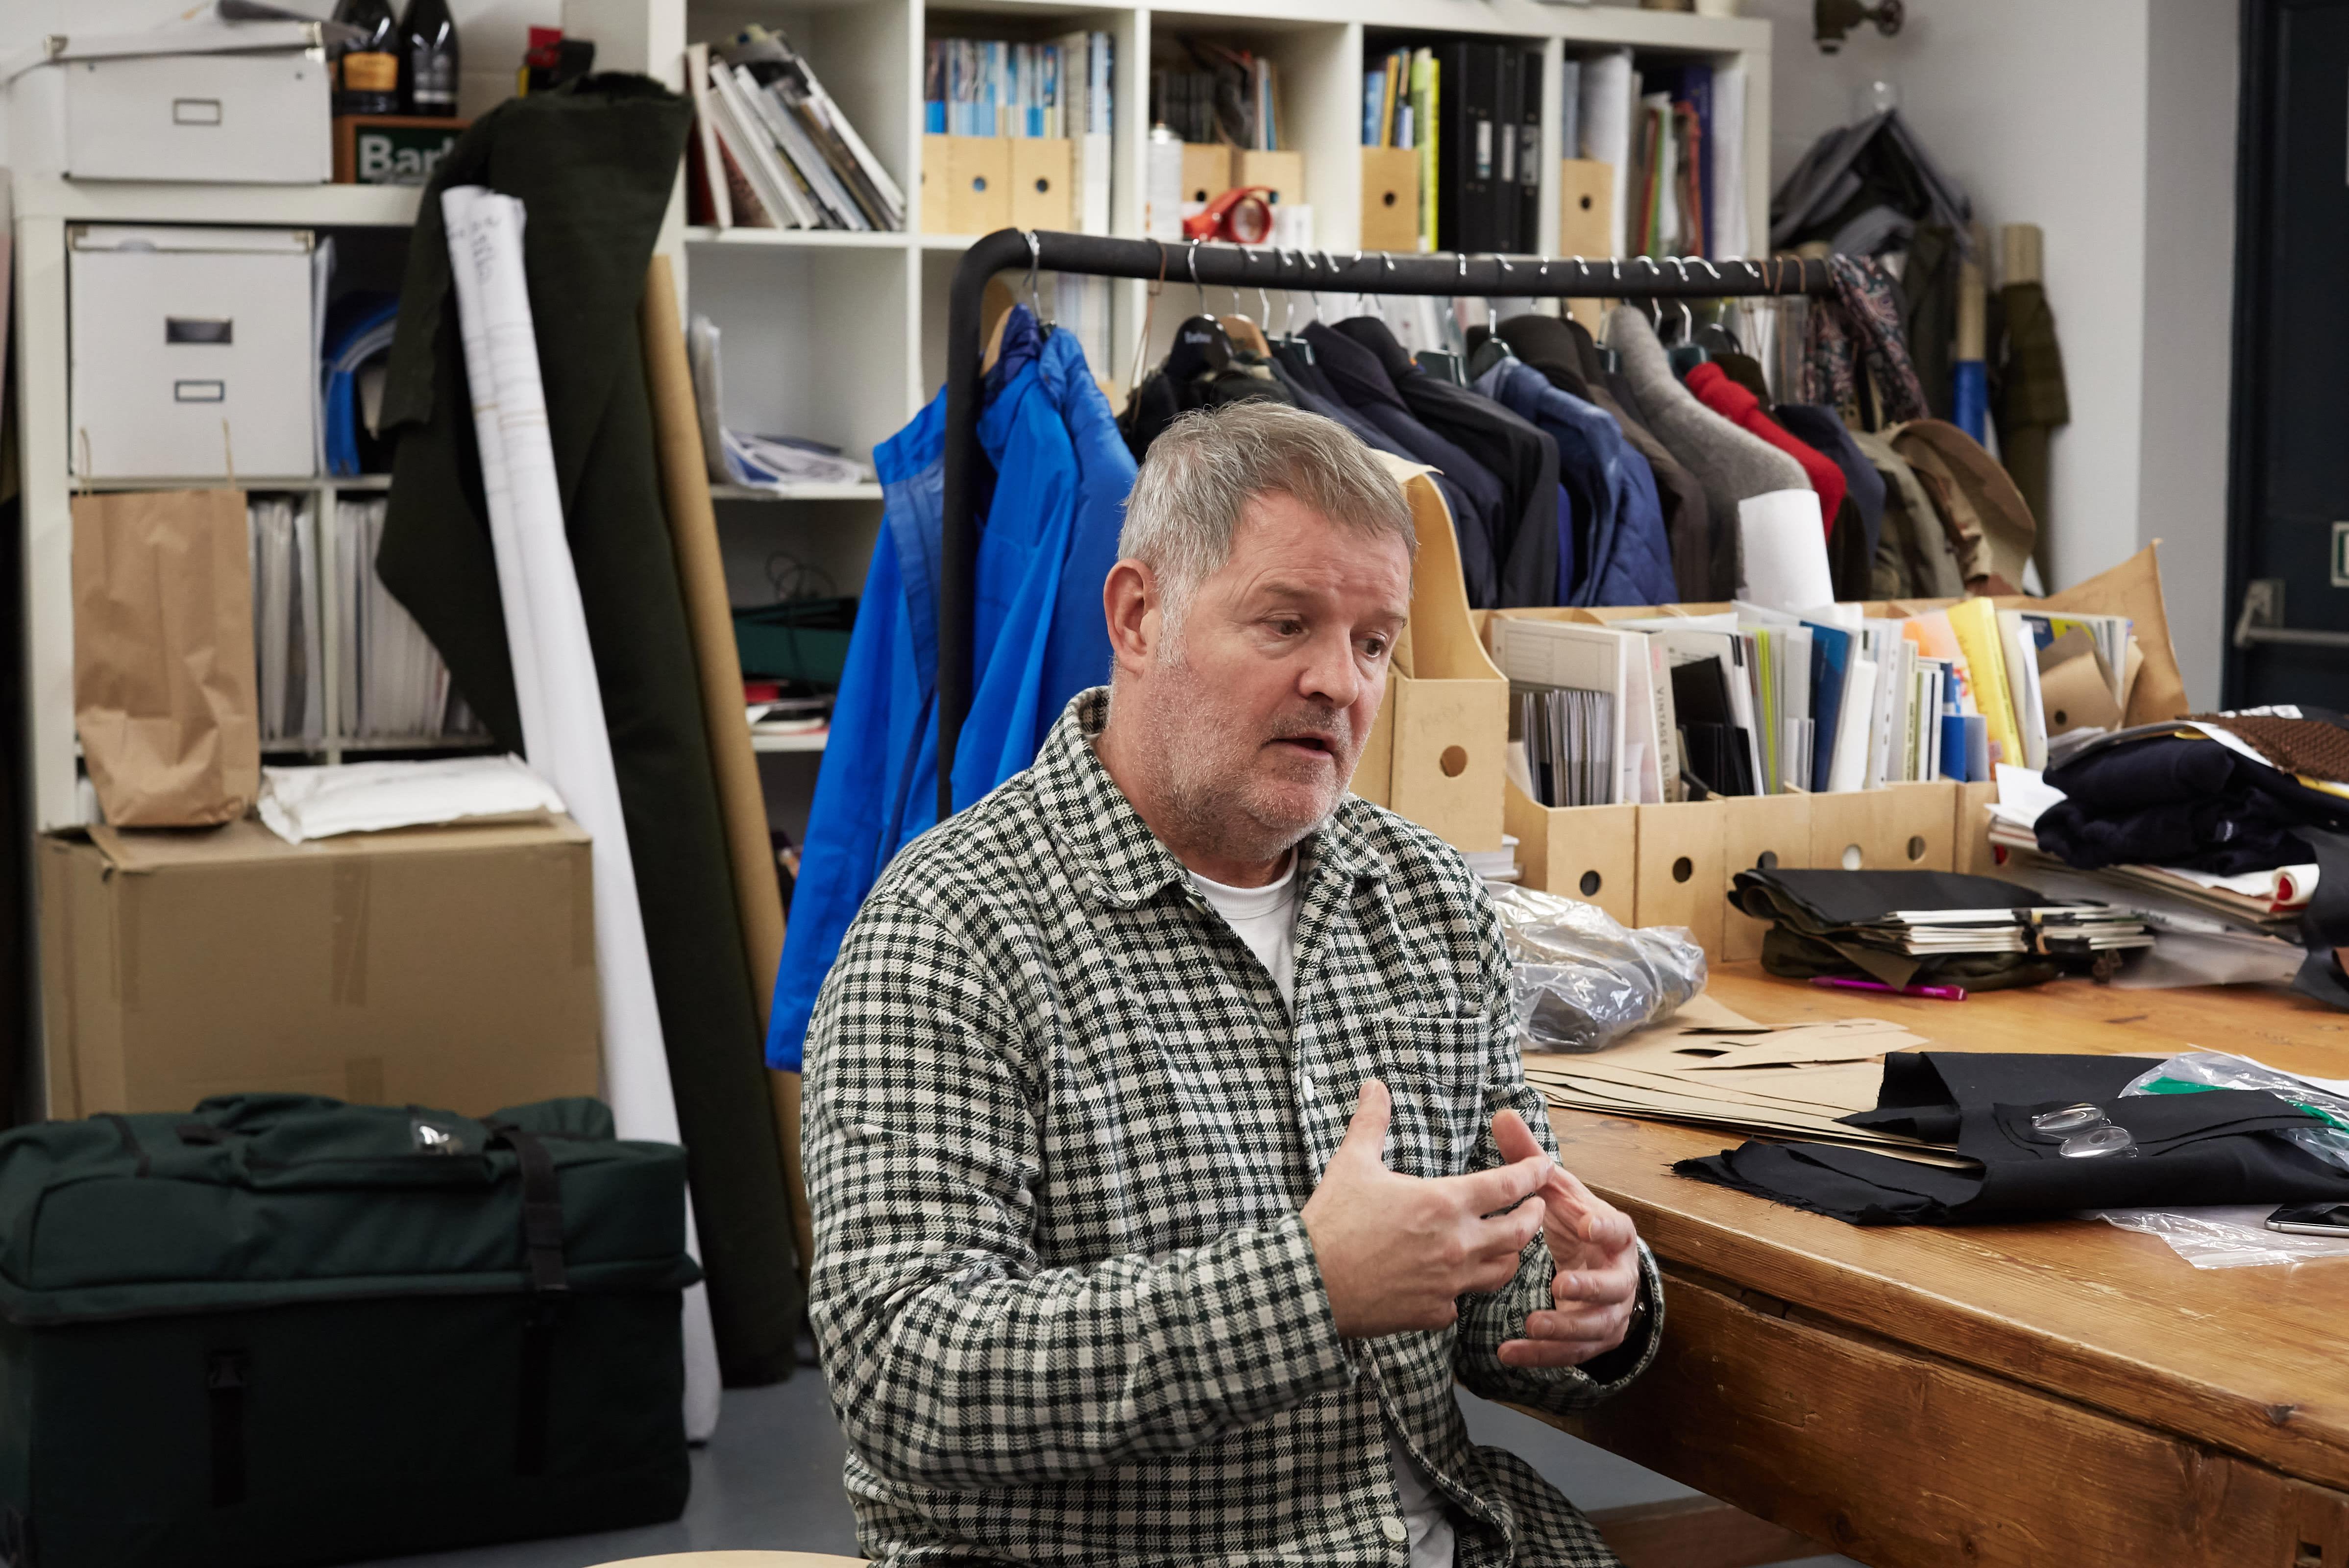 Barbour's Gary Janes in his design studio